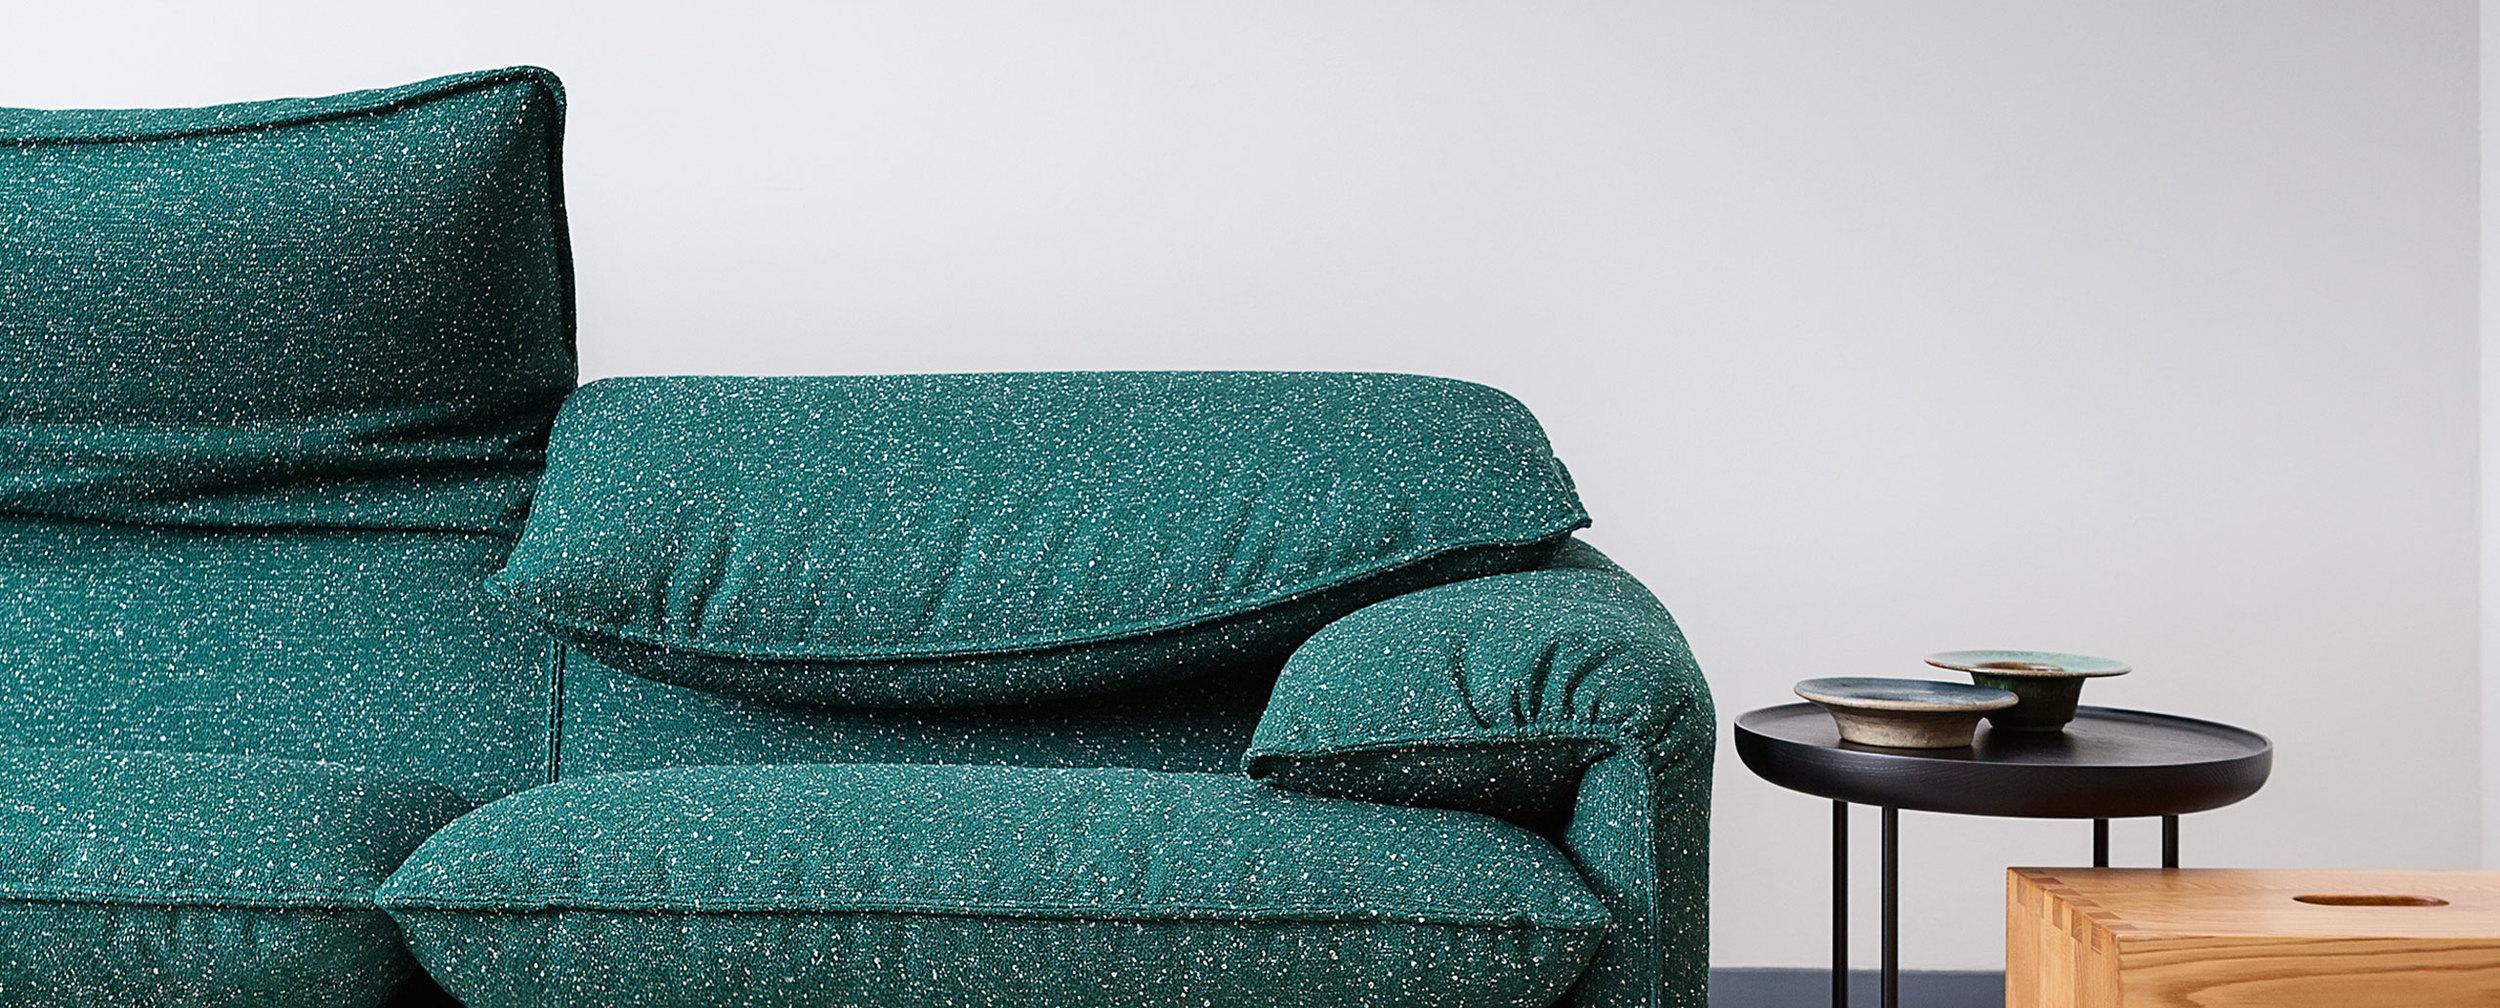 675_maralunga_40 Cassina Loncin design meubel zetel Leuven Brussels mechelen antwerpen vlaams-branbant Limburg Hasselt Tongeren Genk Sint-Truiden Zoutleeuw.jpg